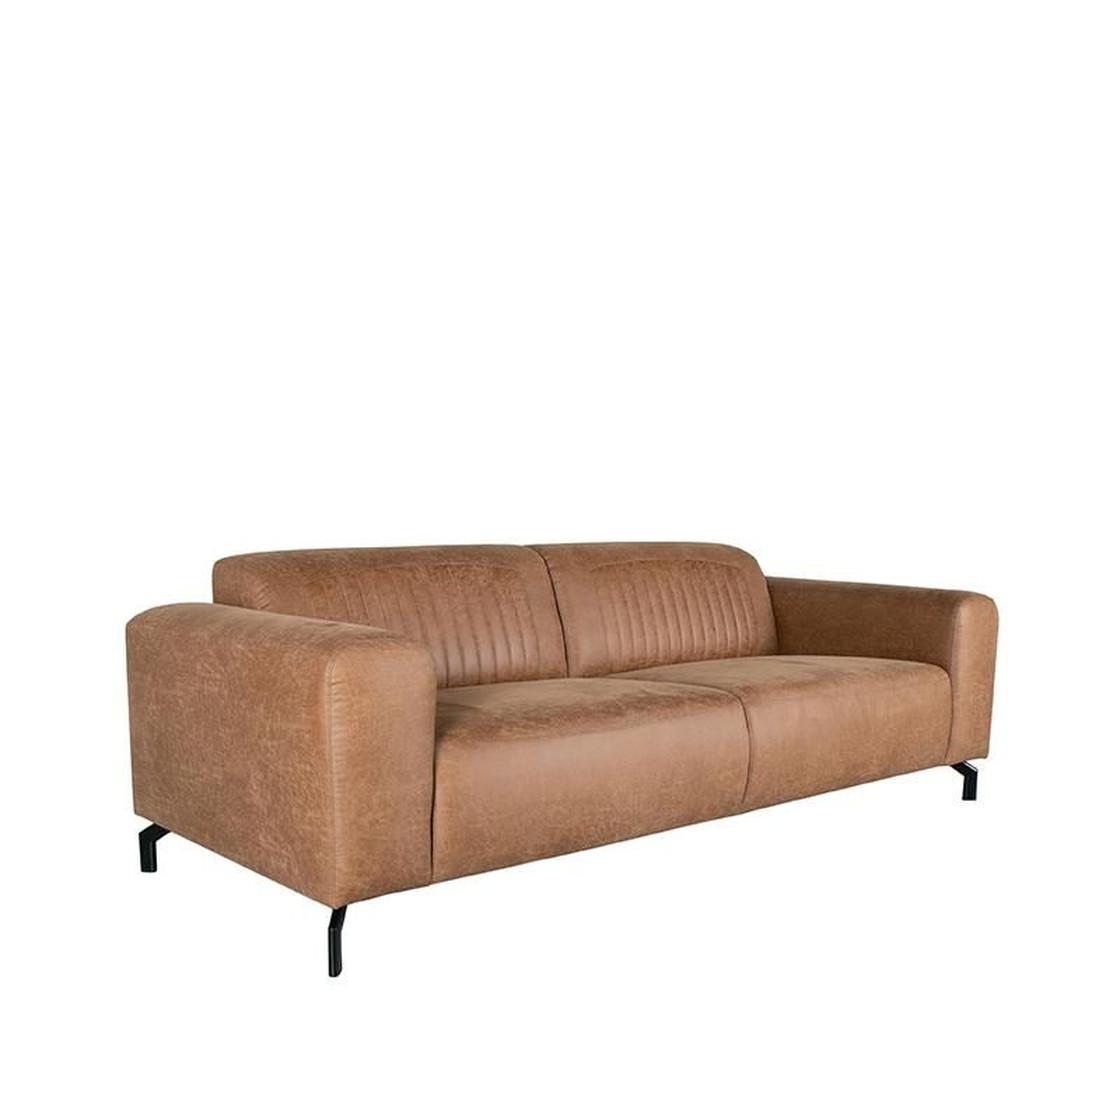 Full Size of 3 Sitzer Sofa Mit Schlaffunktion Leder Relaxfunktion Elektrisch Ikea Grau Bei Roller Bettfunktion Bettkasten Couch Und 2 Sessel Poco Federkern Trento Sofa 3 Sitzer Sofa